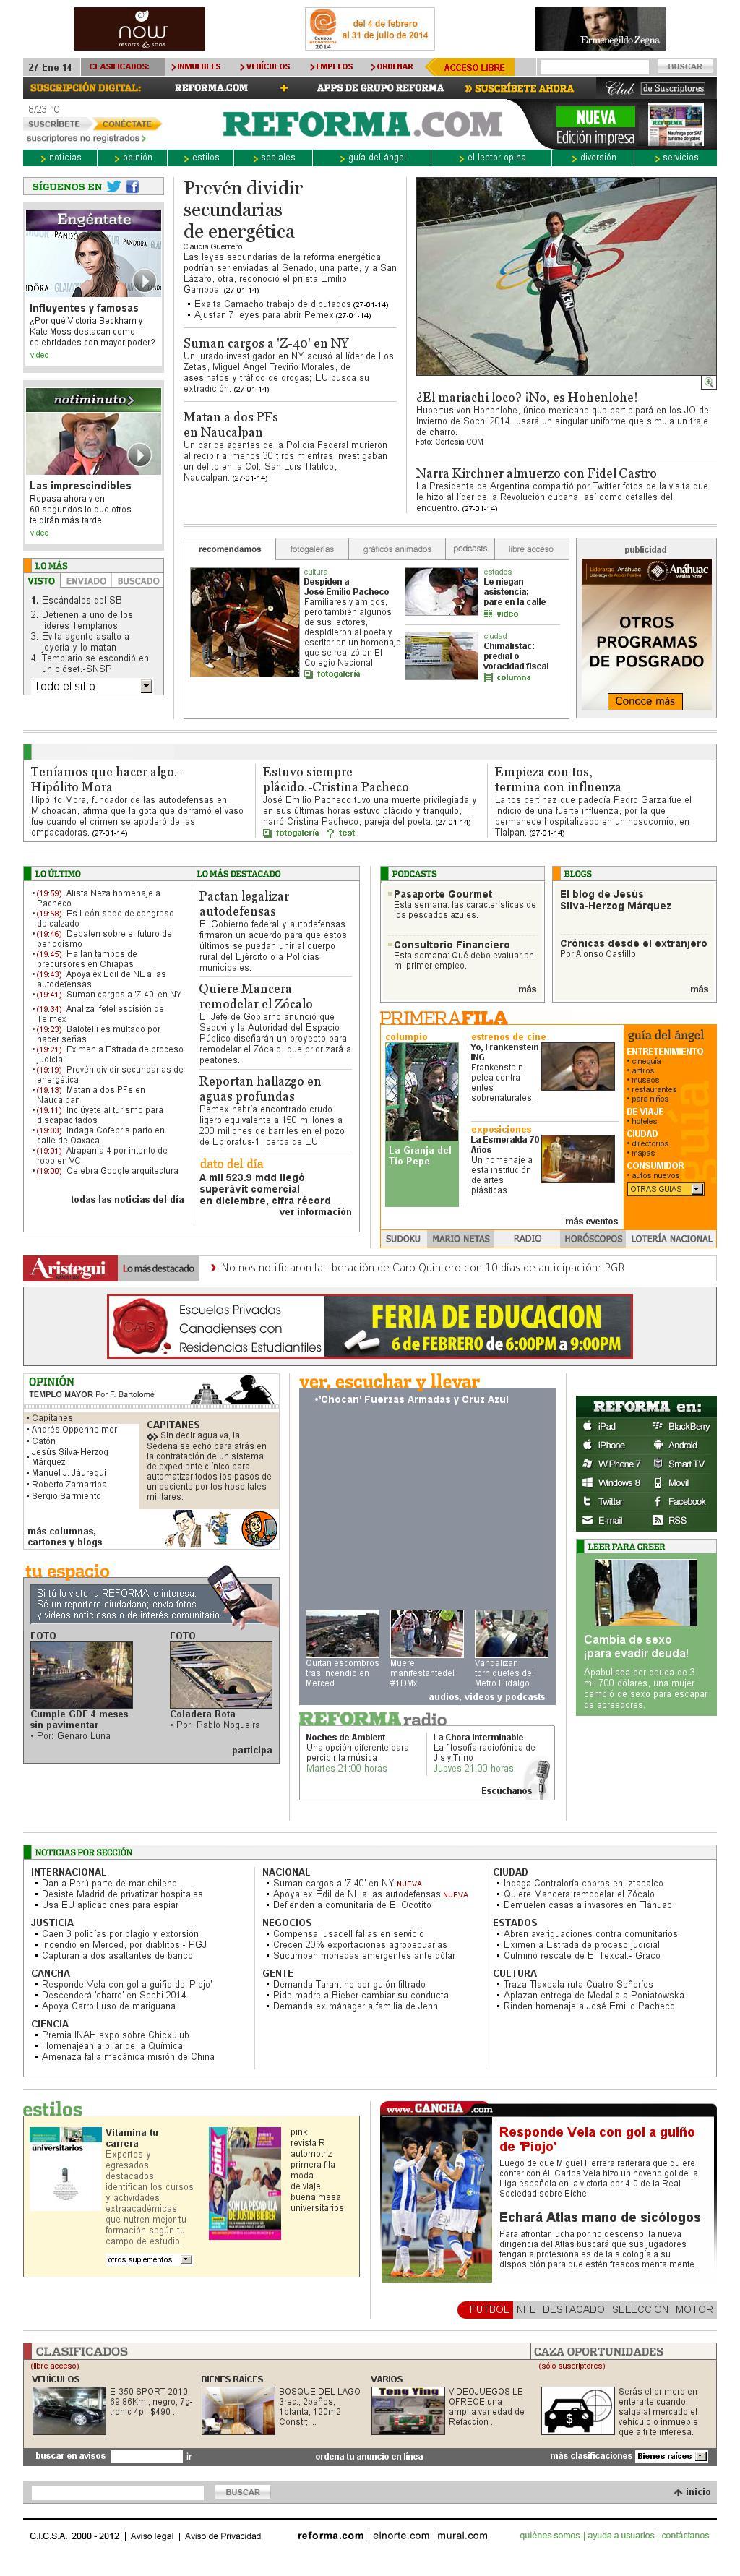 Reforma.com at Tuesday Jan. 28, 2014, 2:20 a.m. UTC